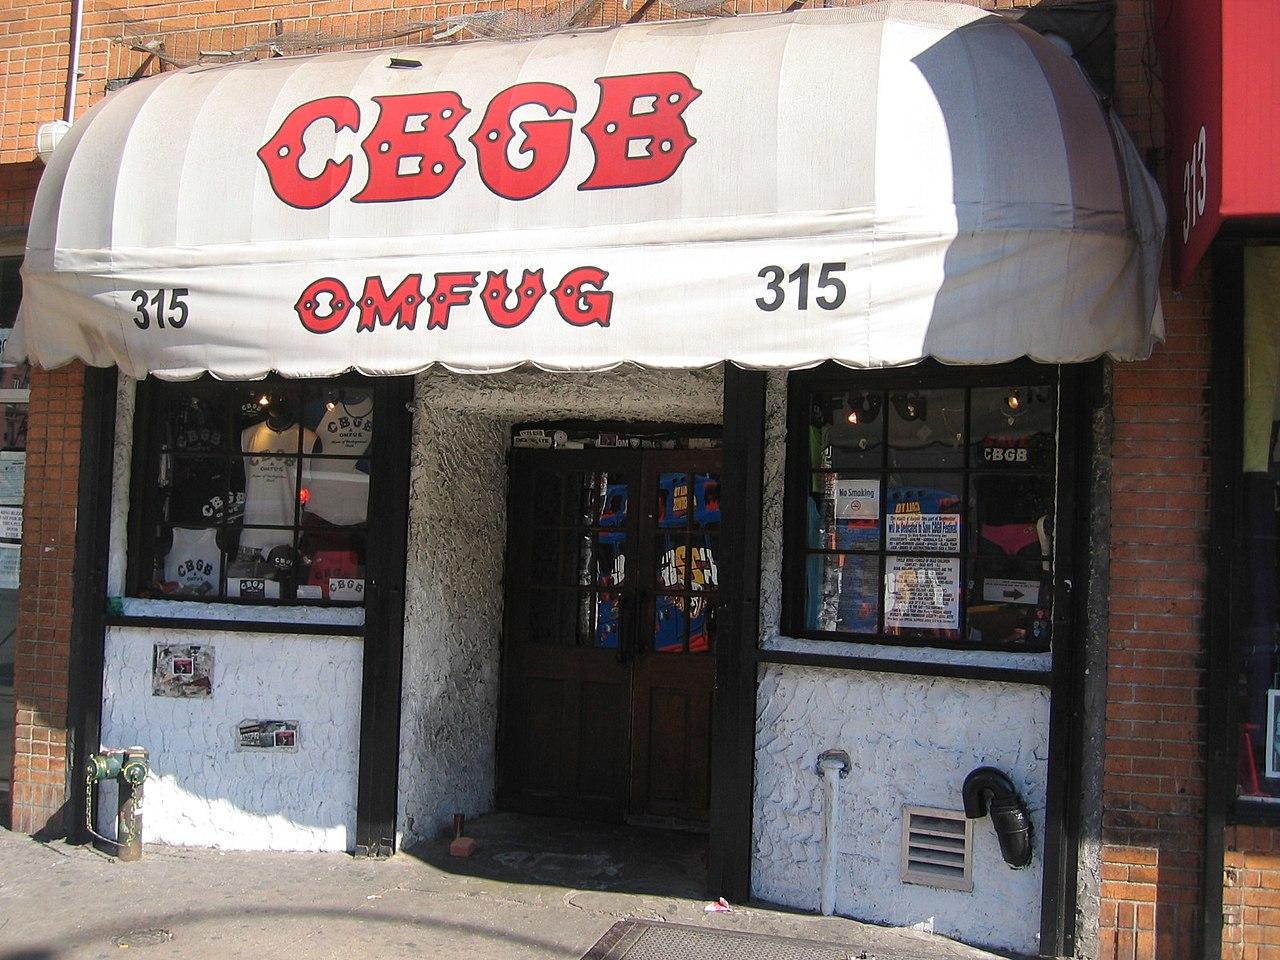 1280px-CBGB_club_facade.jpg